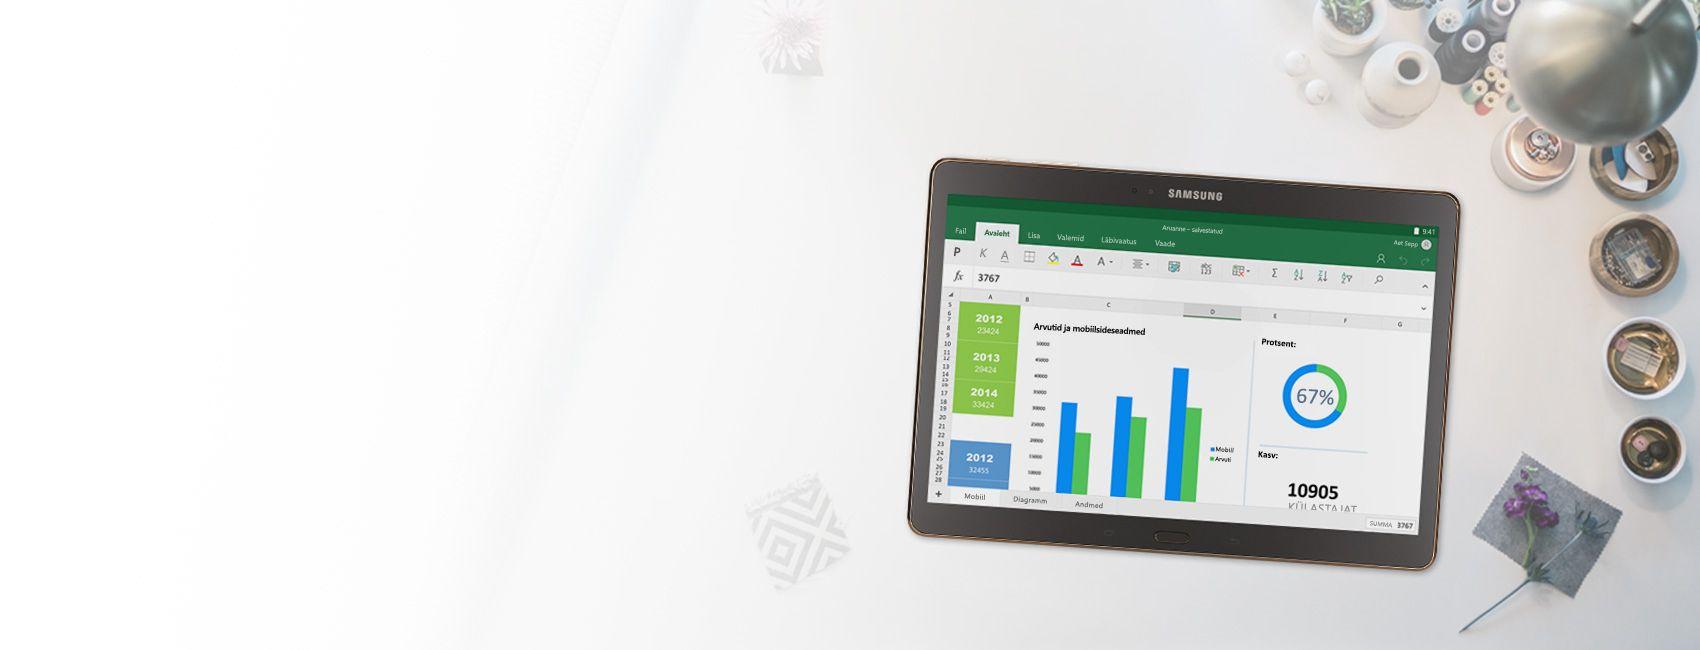 Tahvelarvuti, mille ekraanil kuvatakse Exceli aruandes olevad diagrammid